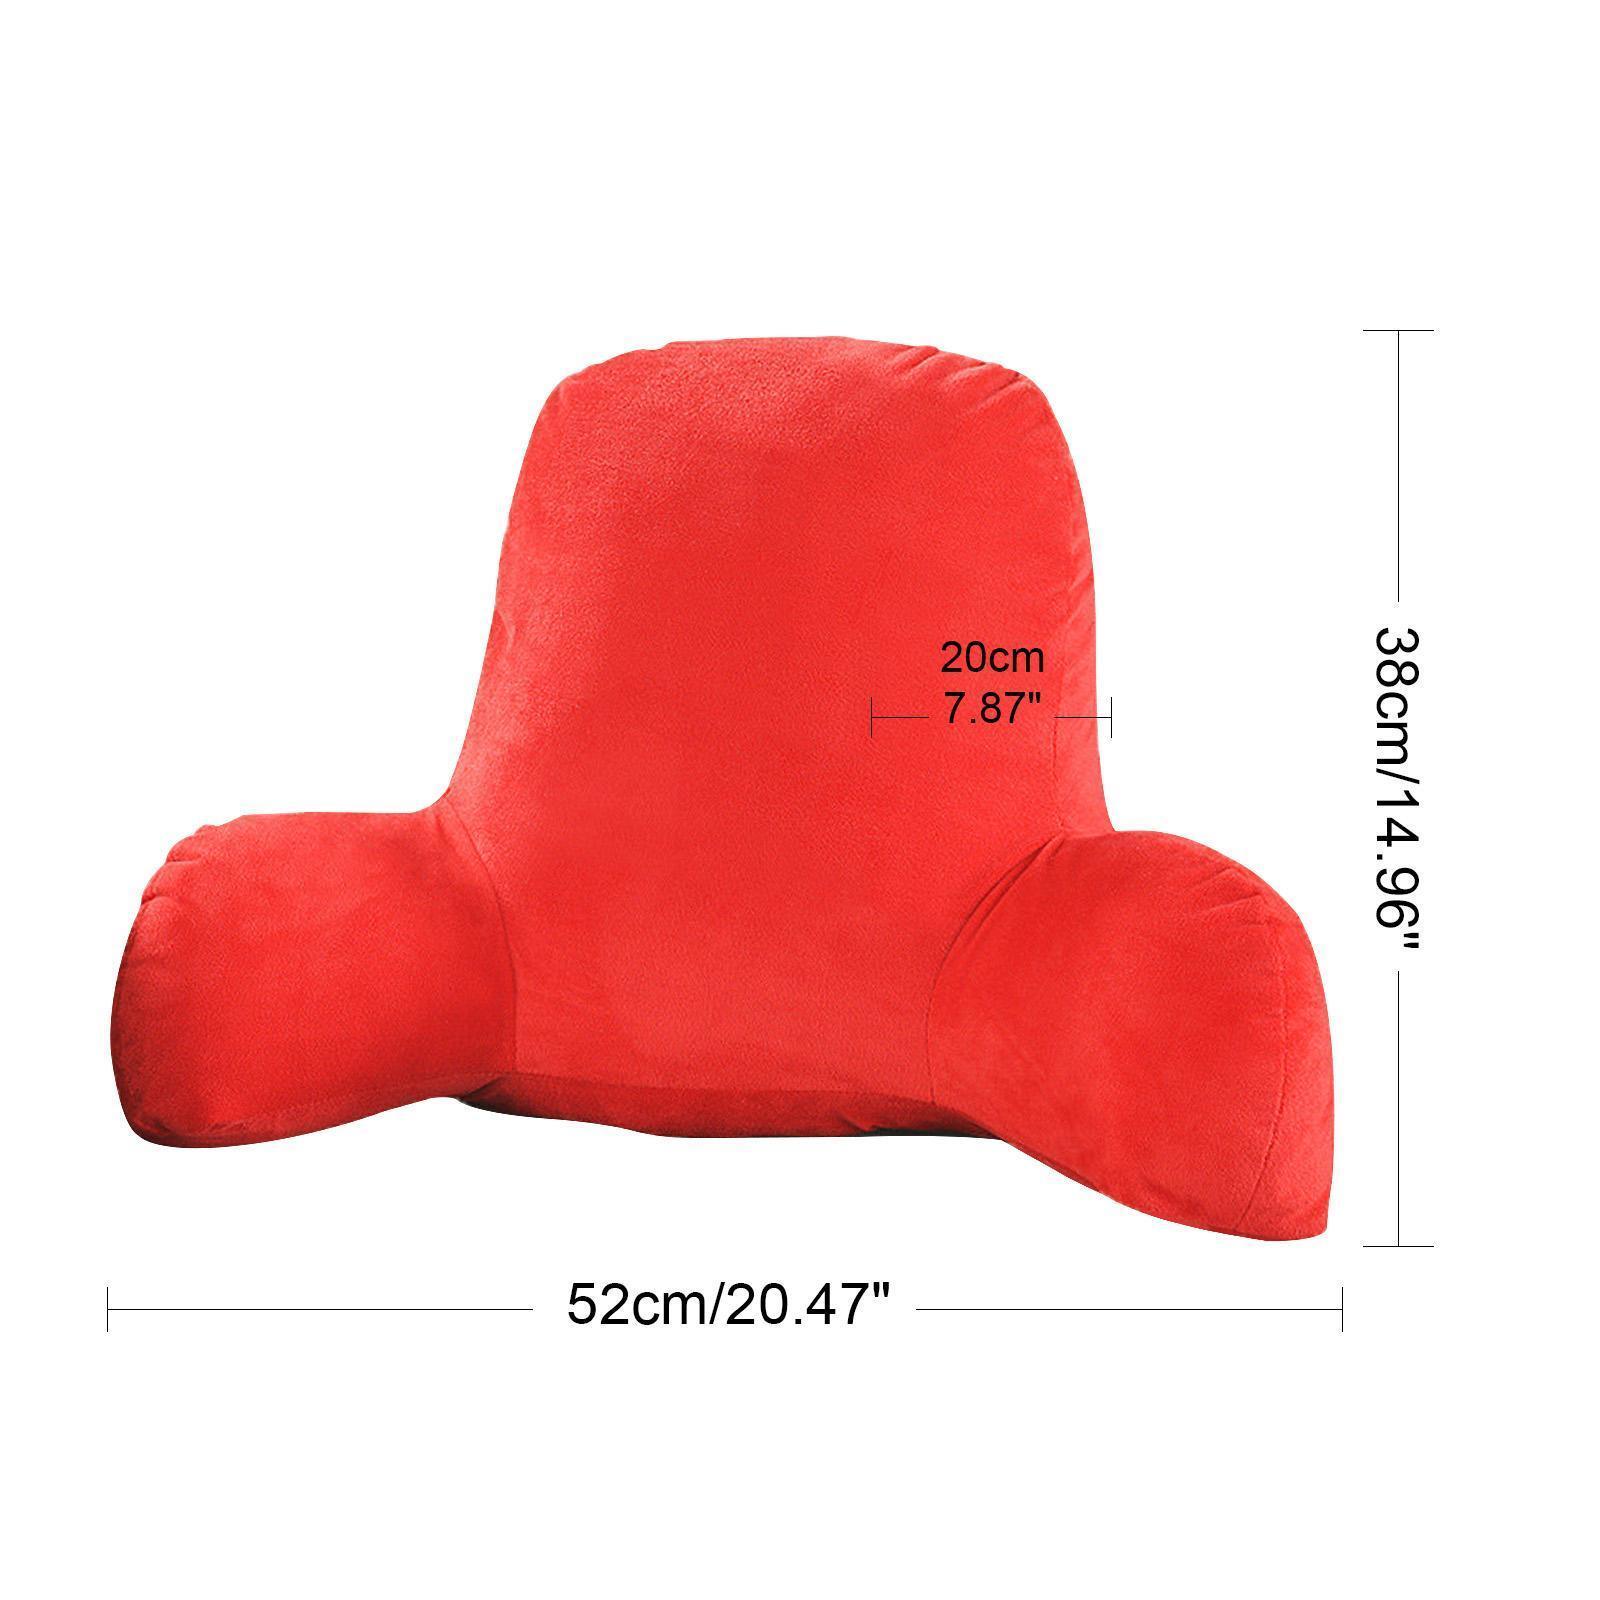 miniatura 7 - Schienale grande in peluche Cuscino per la lettura Cuscino Supporto lombare